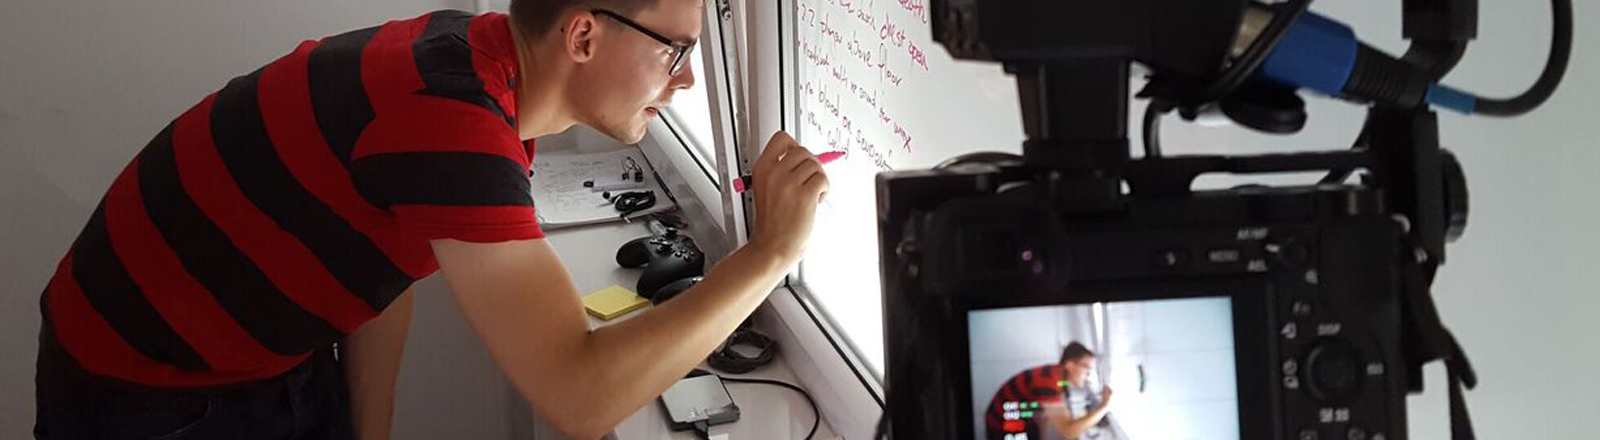 Entwickler Rafal Zaremba schreibt eine to-do-Liste ans Fenster